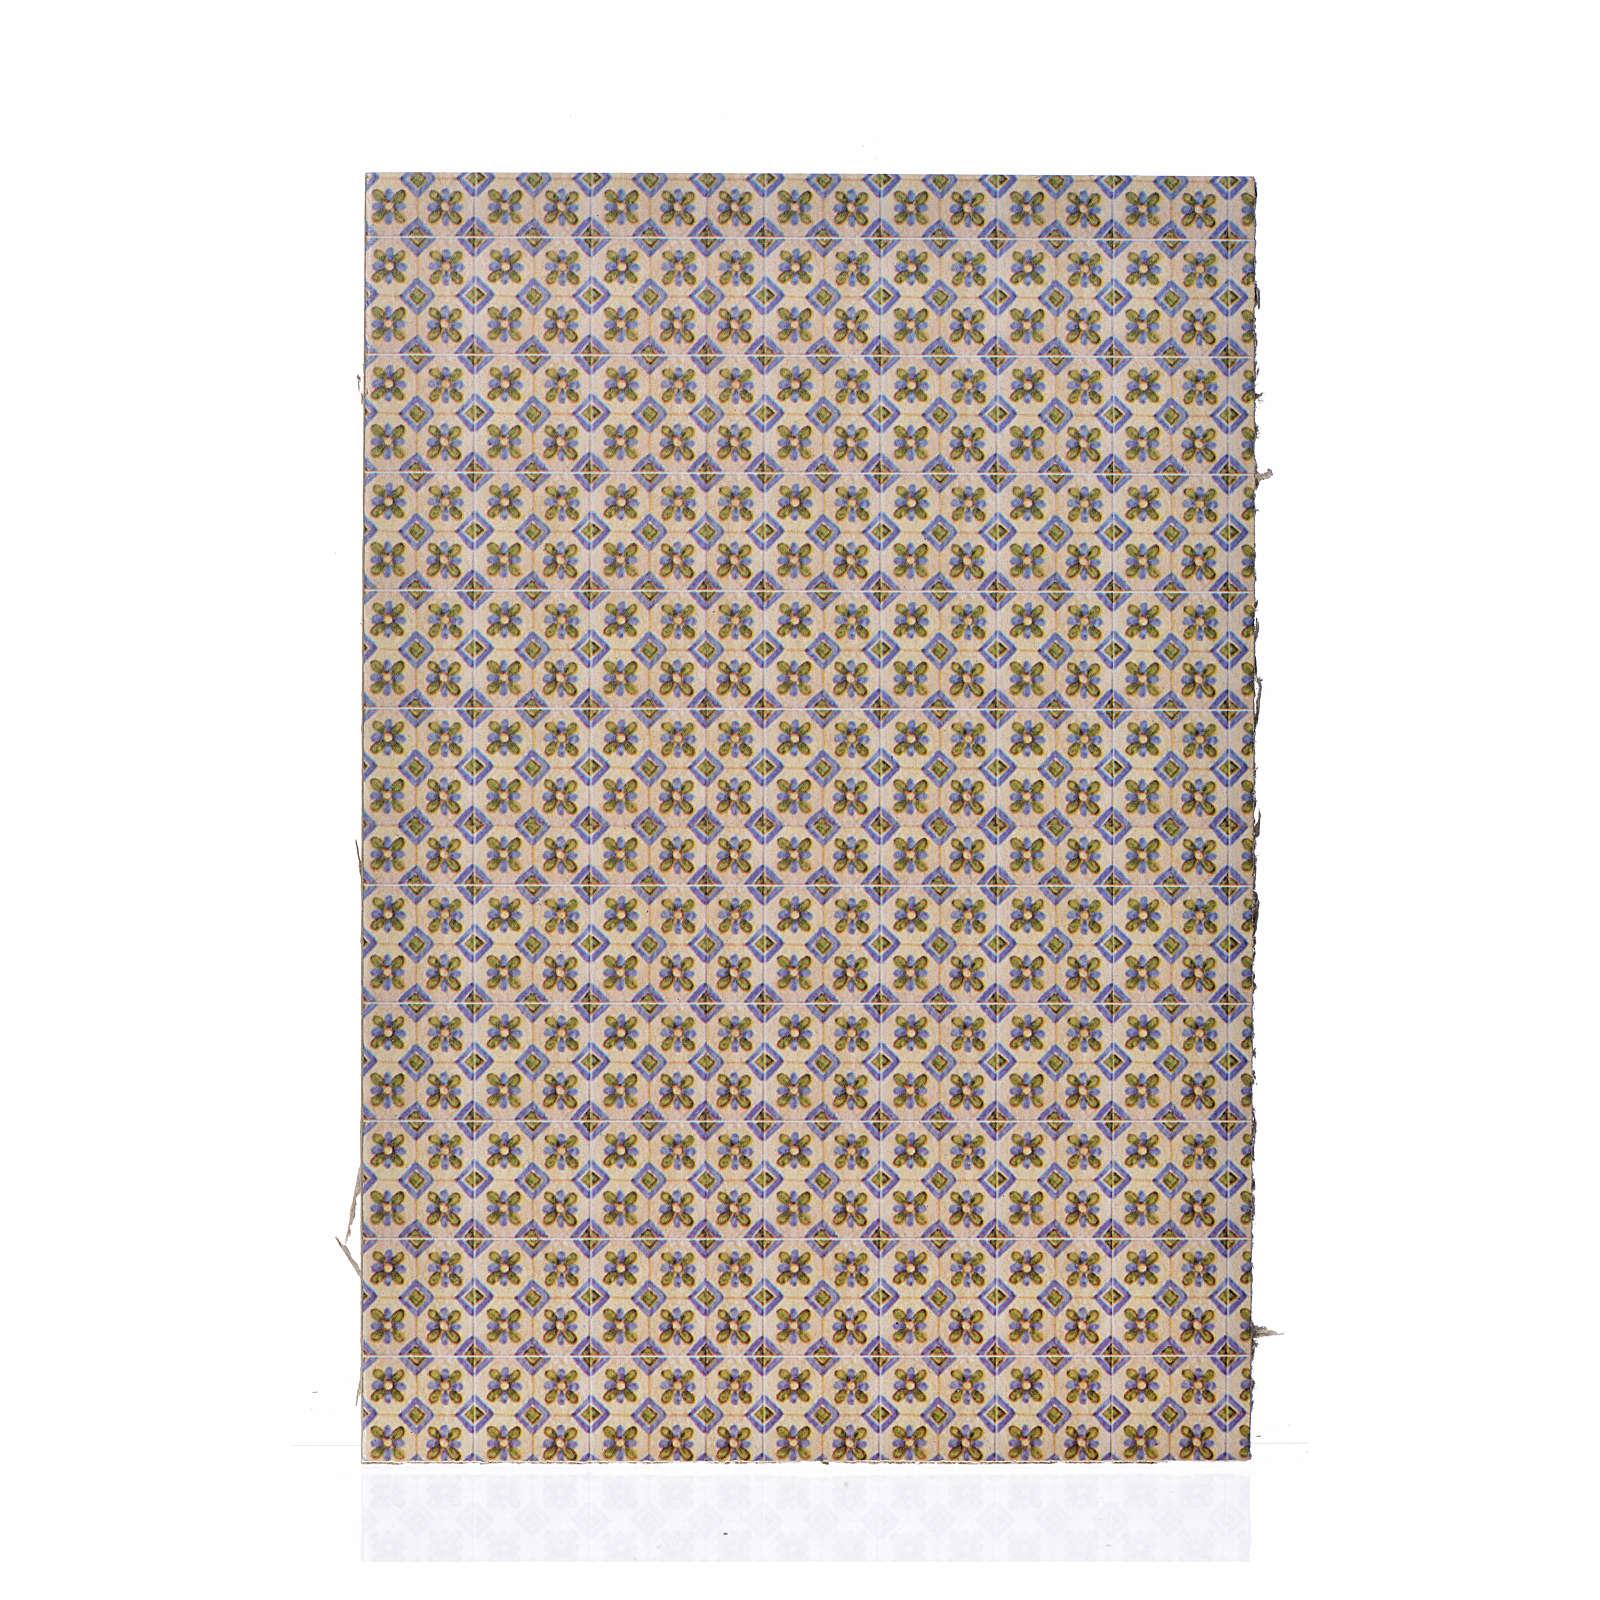 Carton pour revêtement sol fleurs 24x16,5 cm, épais 4